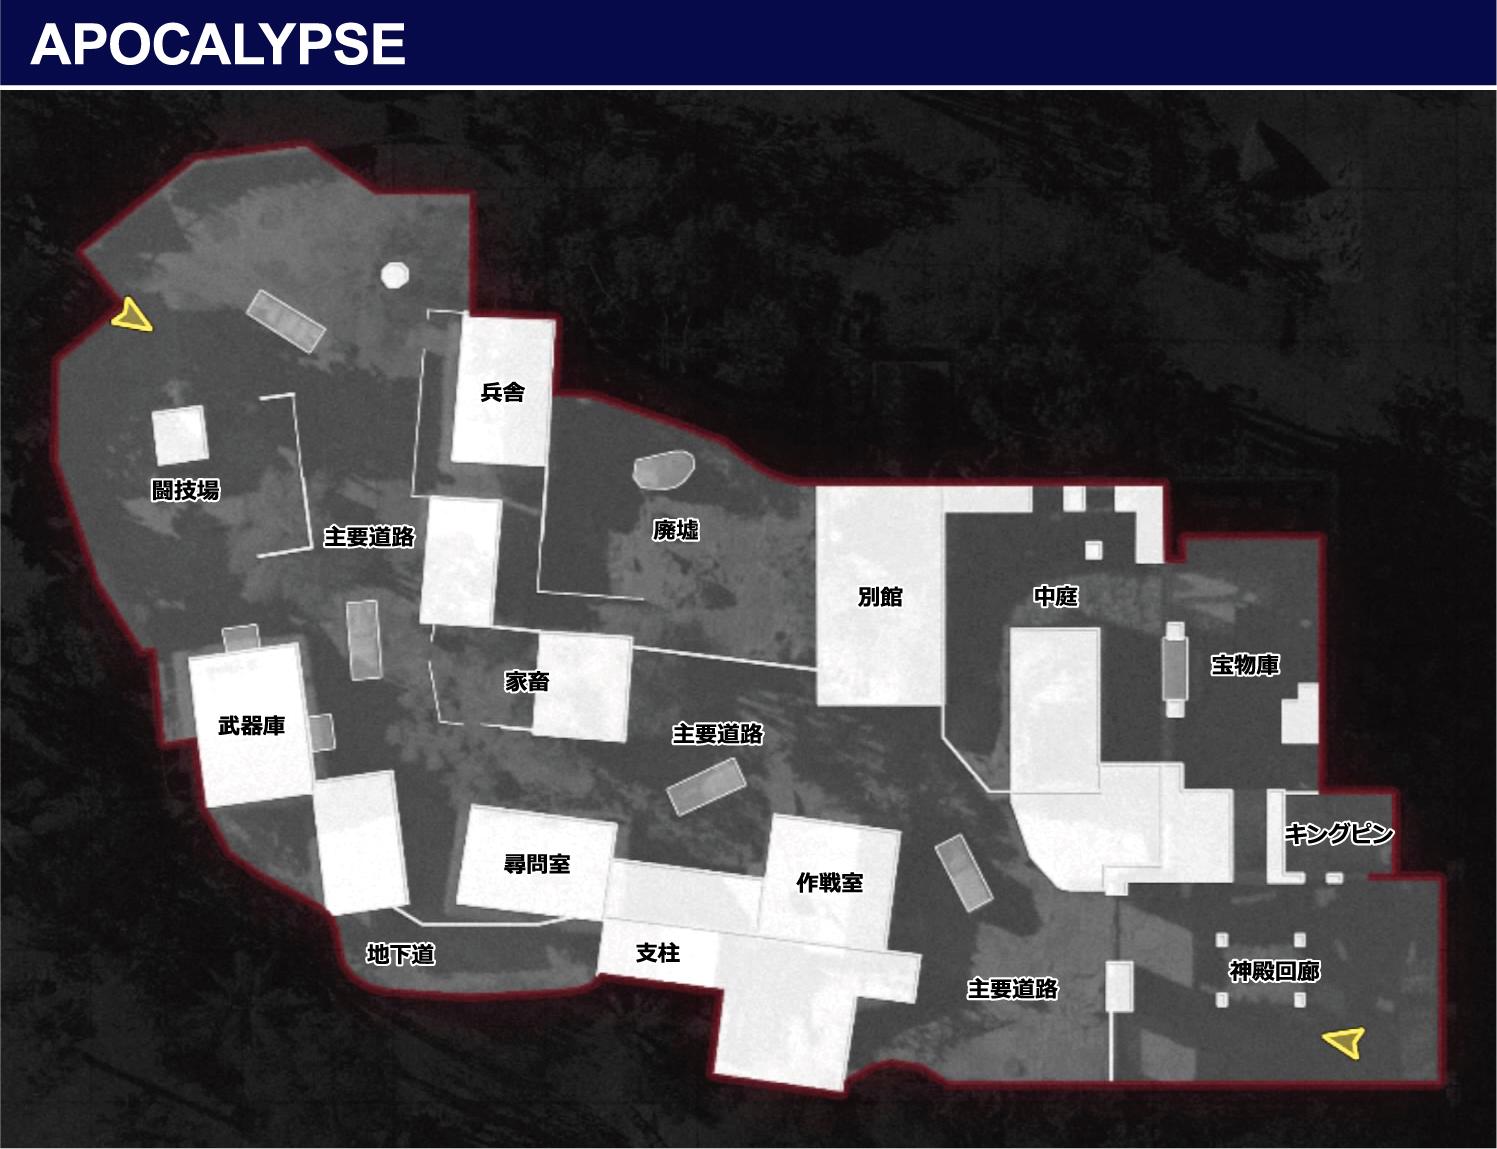 APOCALYPSE-map